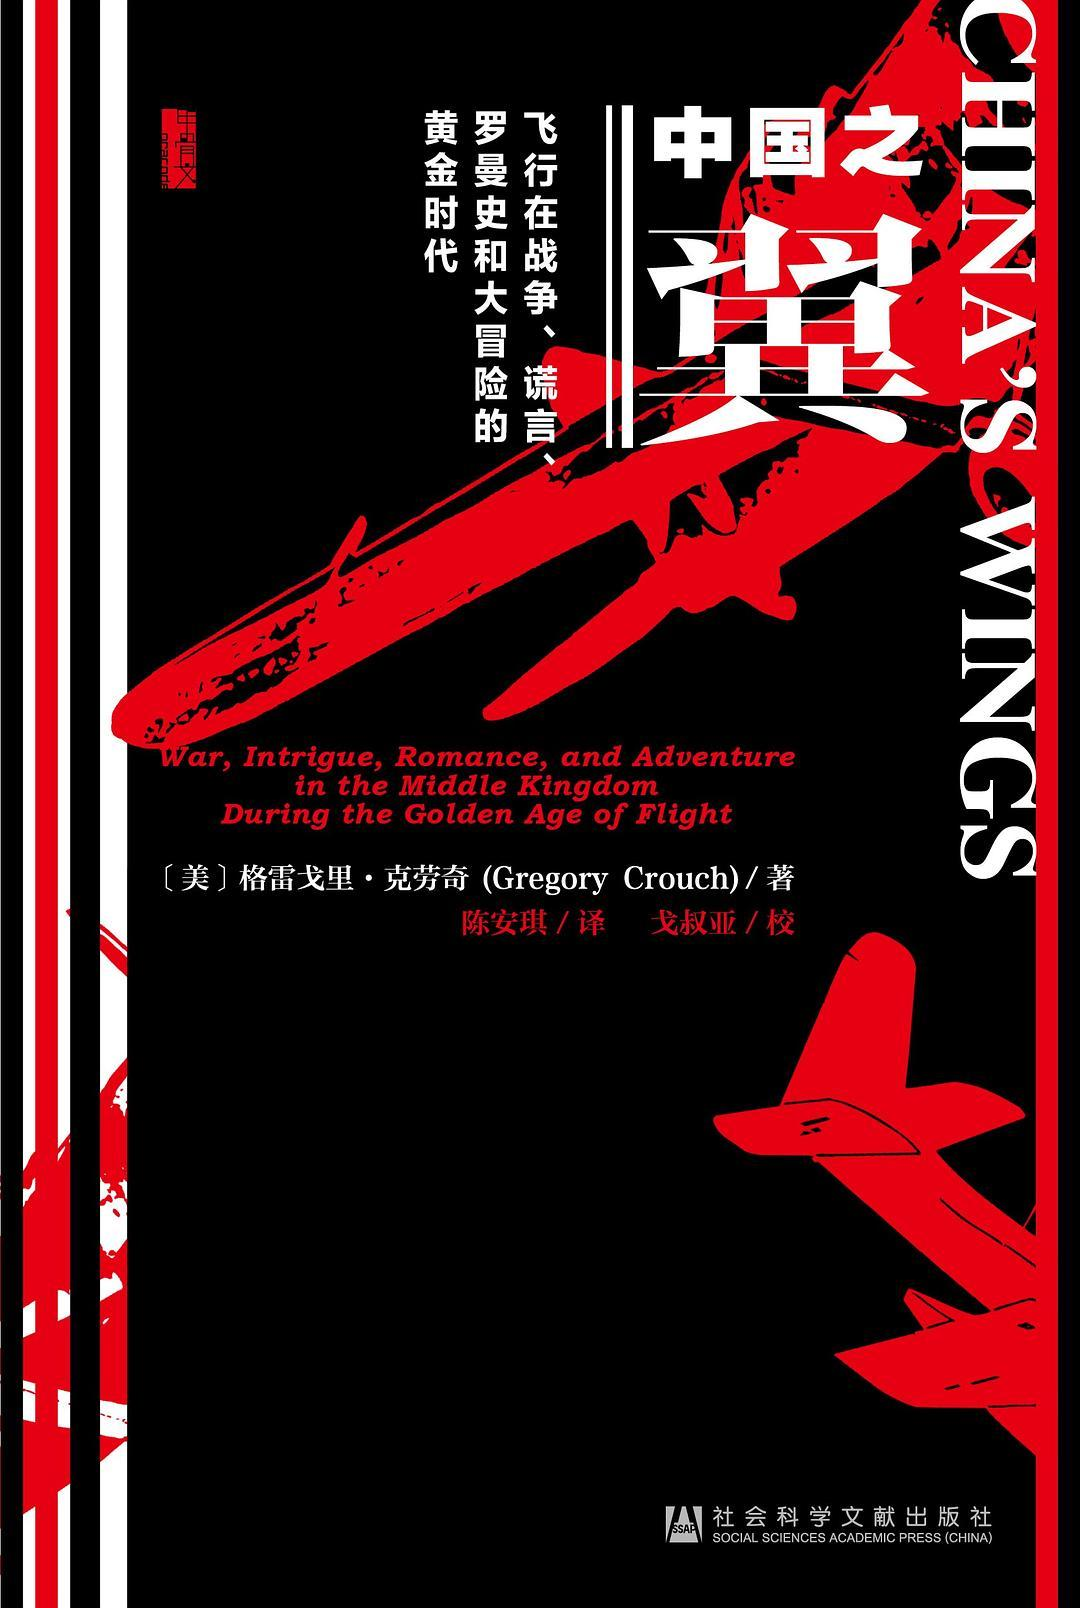 中国之翼:飞行在战争、谎言、罗曼史和大冒险的黄金时代